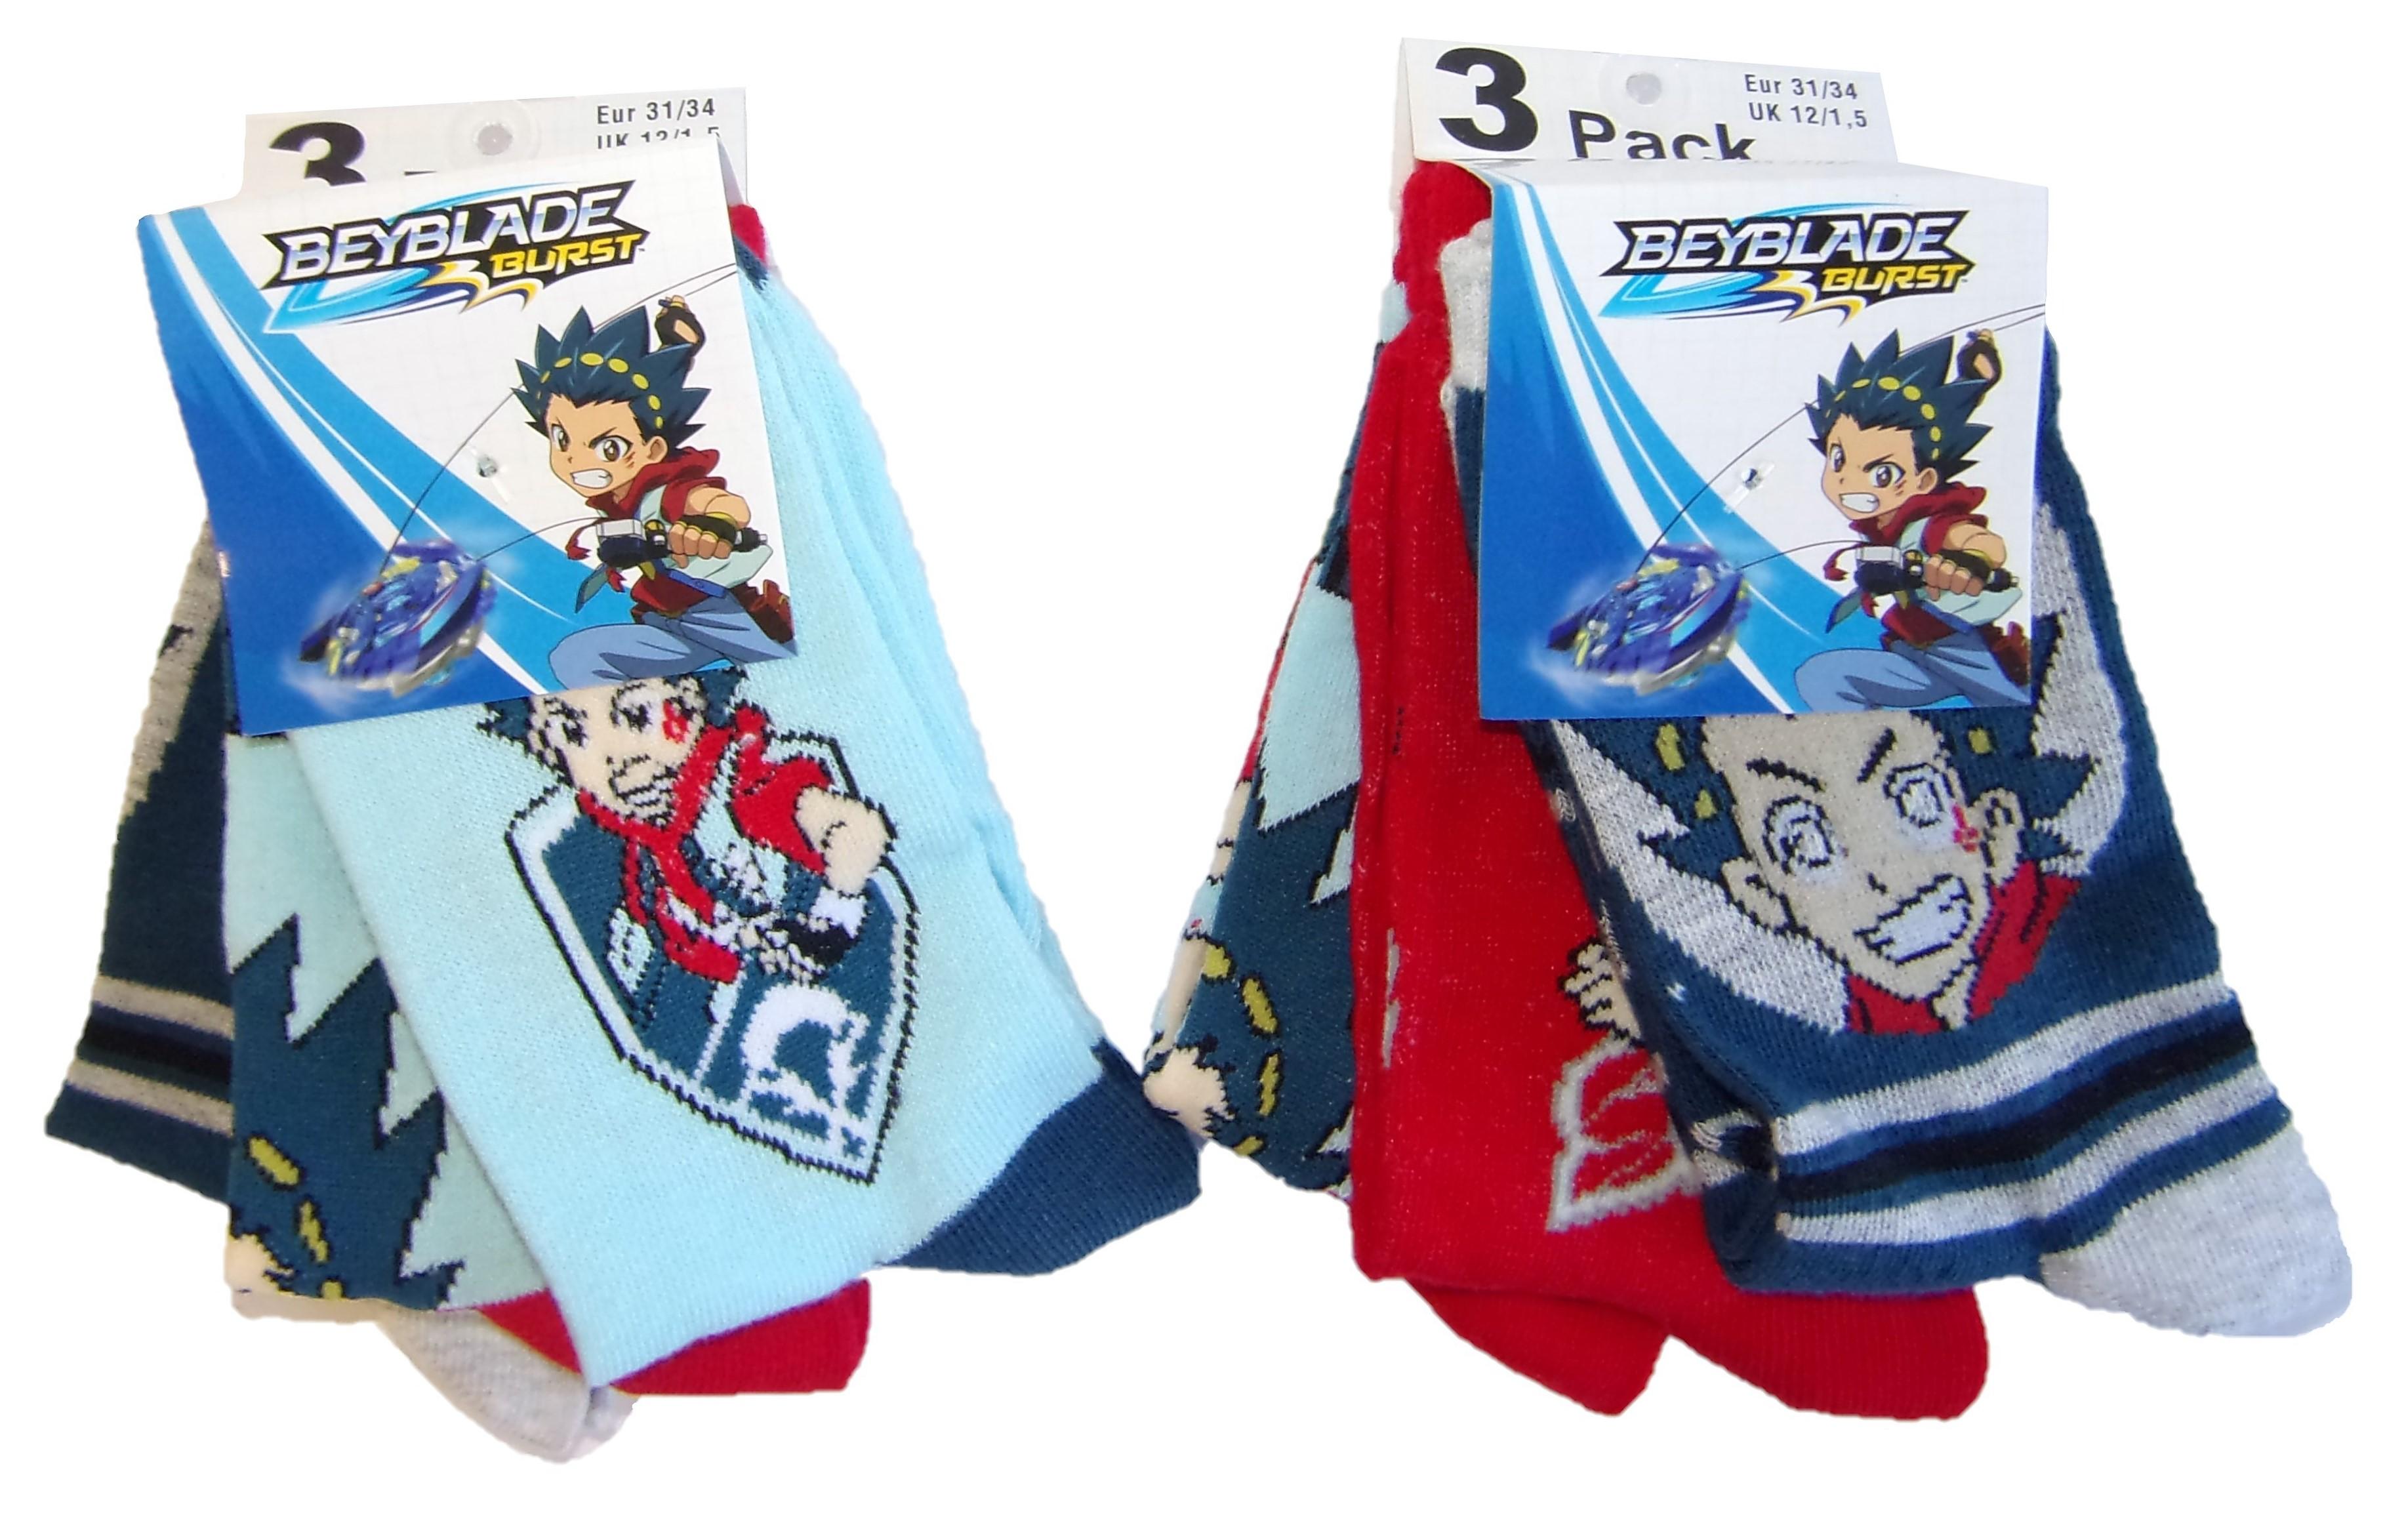 Beyblade Burst Socken für Kinder 31/34 (6er Pack)